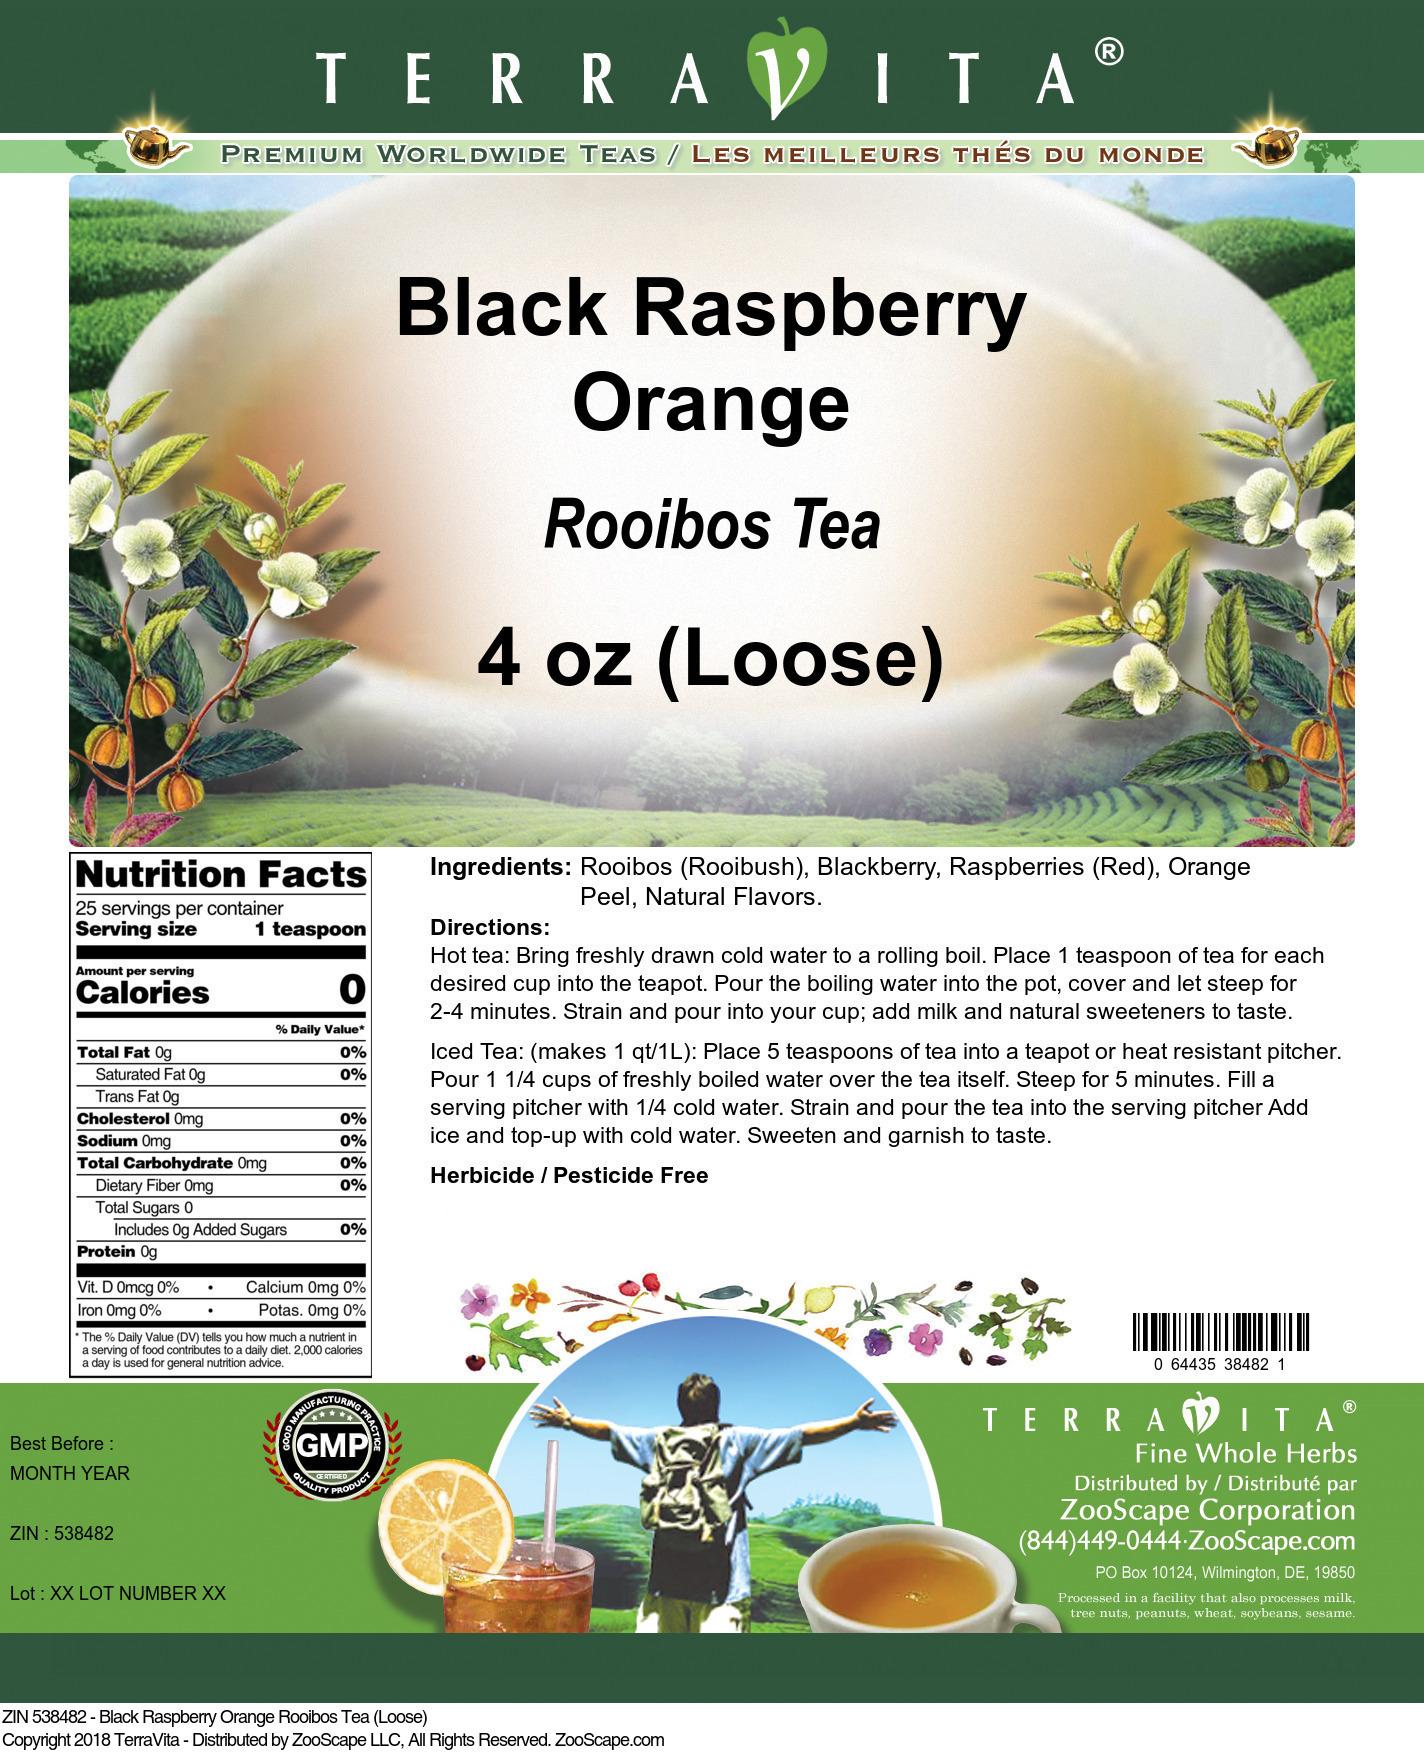 Black Raspberry Orange Rooibos Tea (Loose)